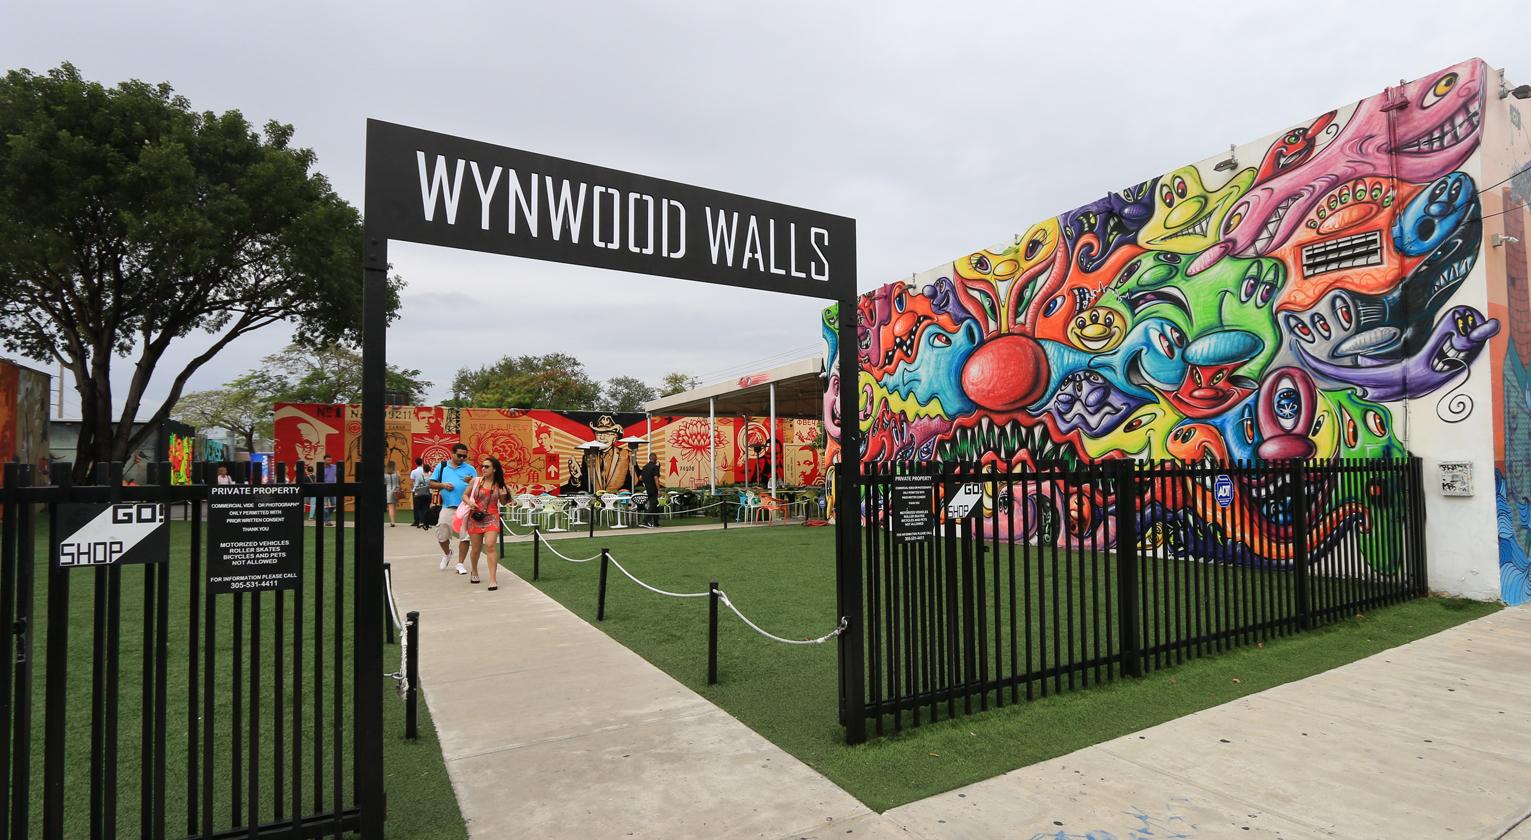 The-Wynwood-Walls-